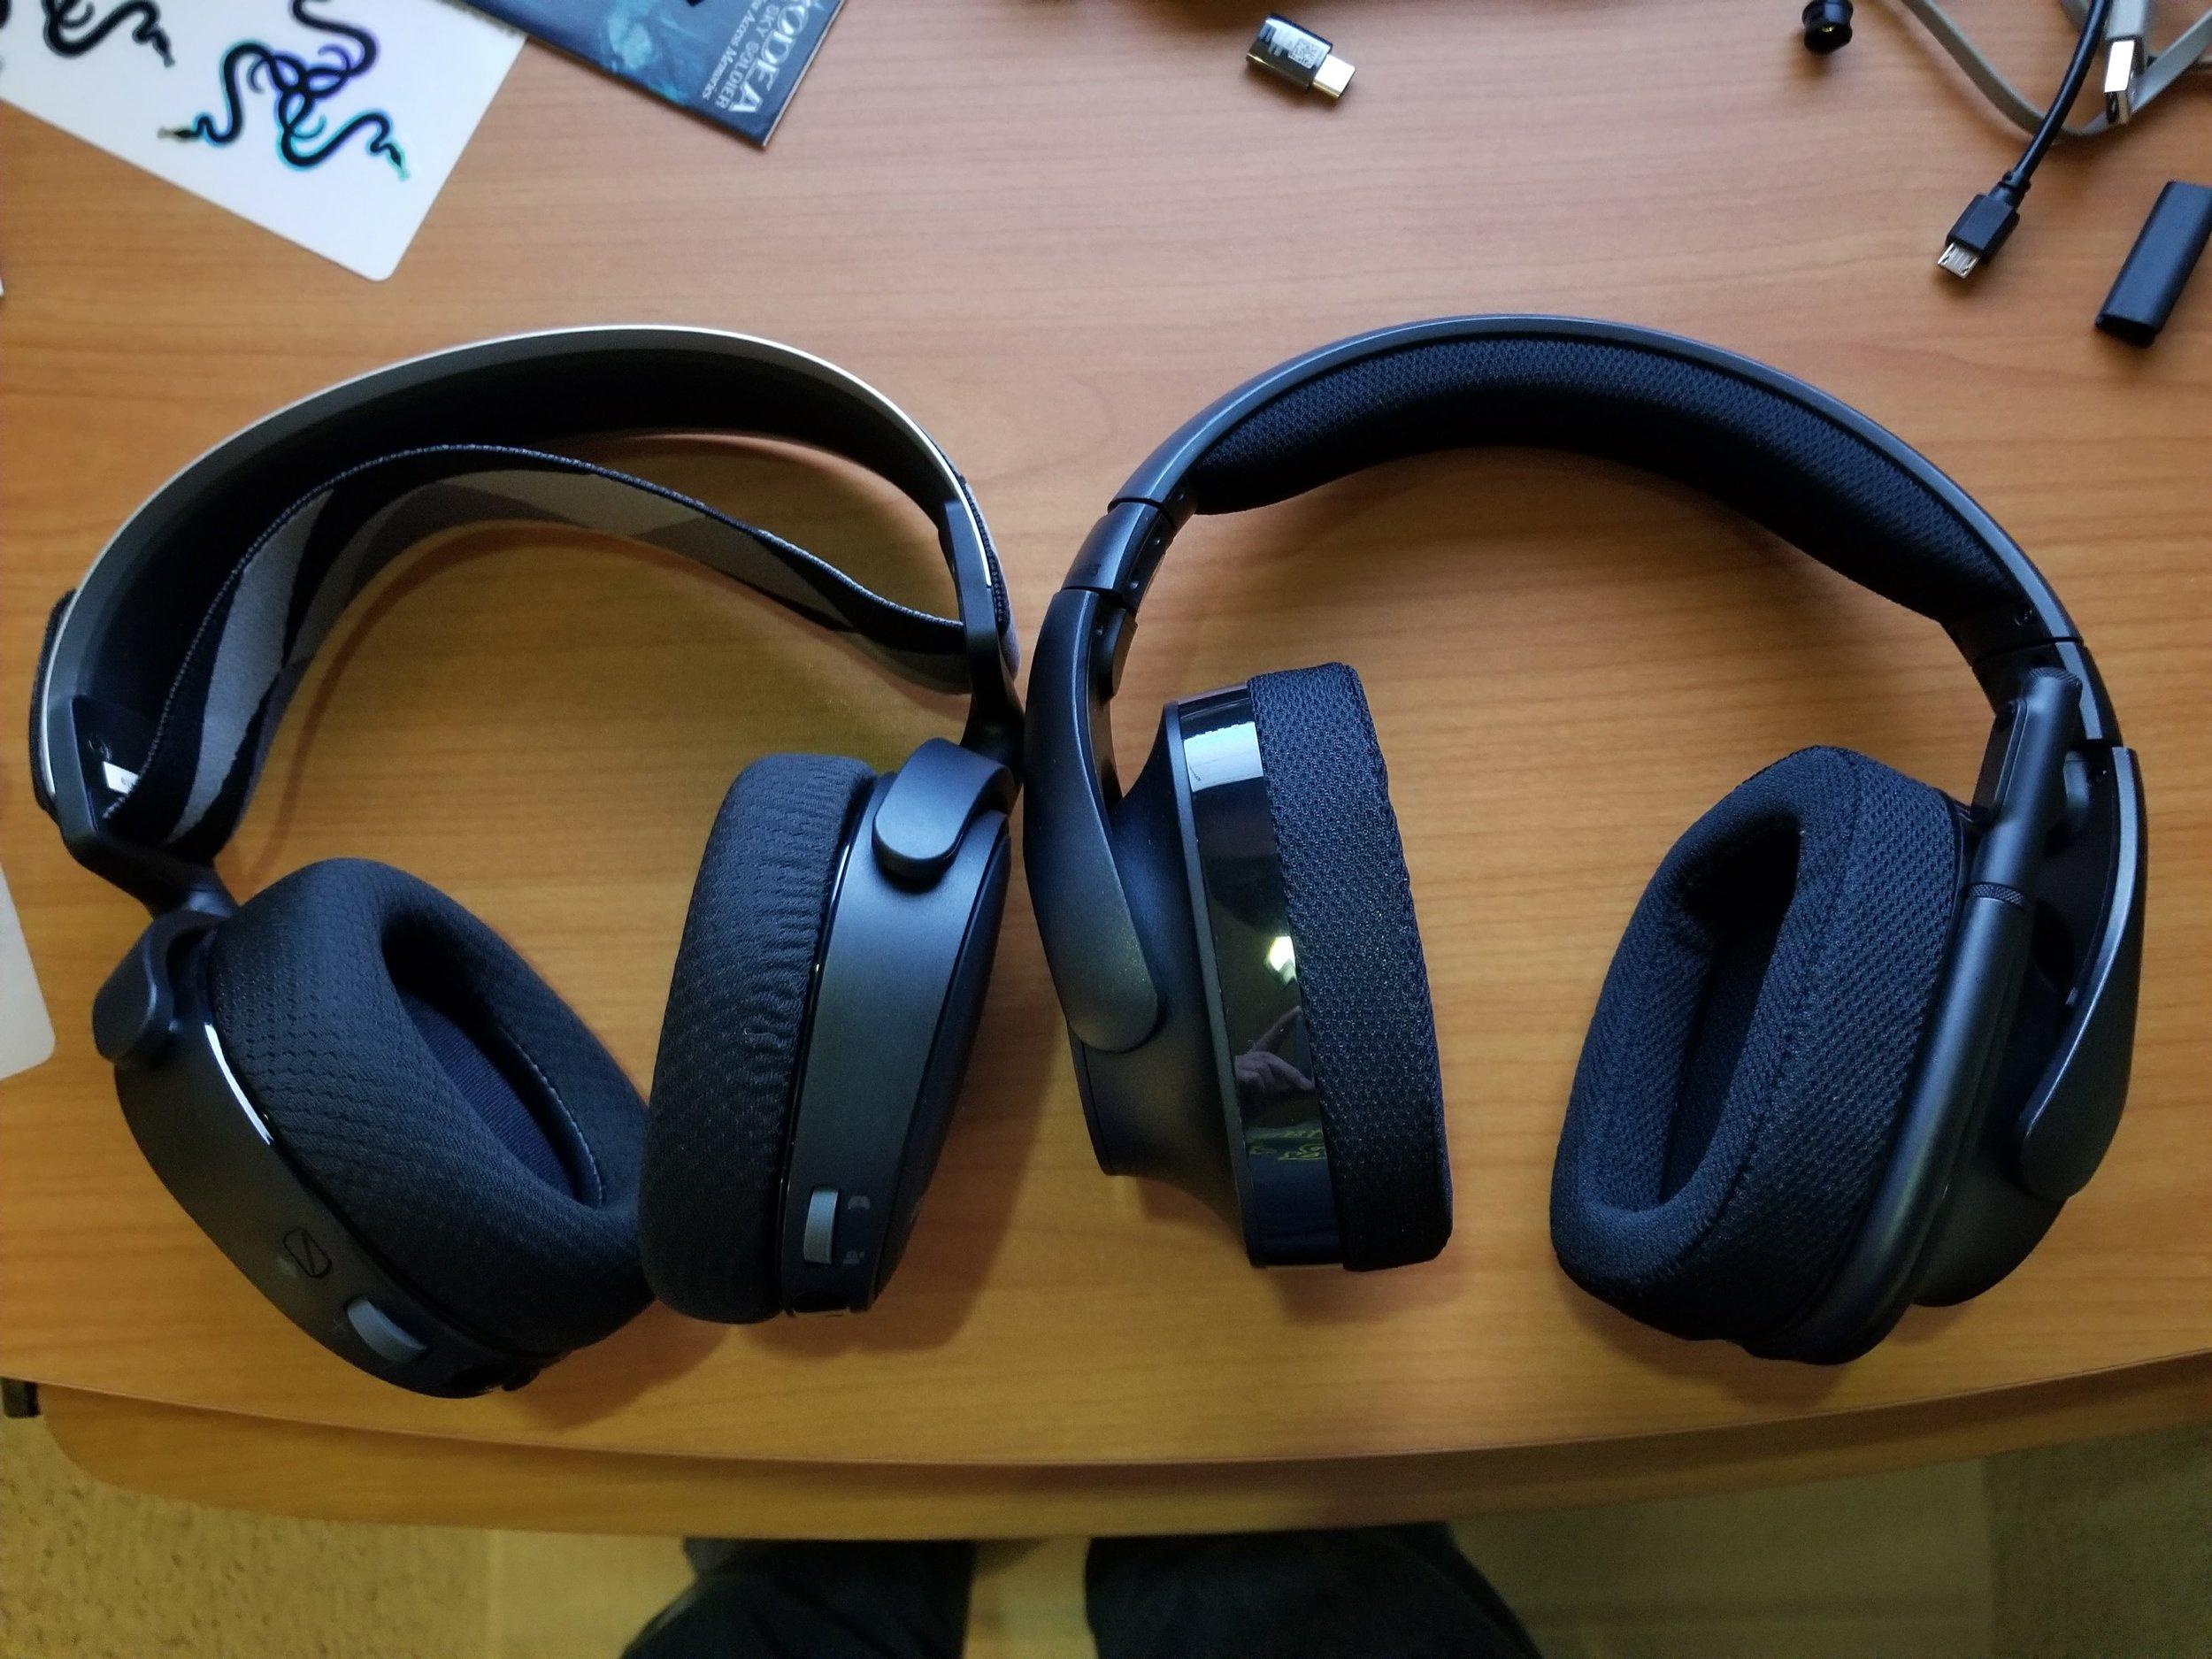 Headset Showdown Steelseries Arctis 7 Vs Logitech G533 World Bolding